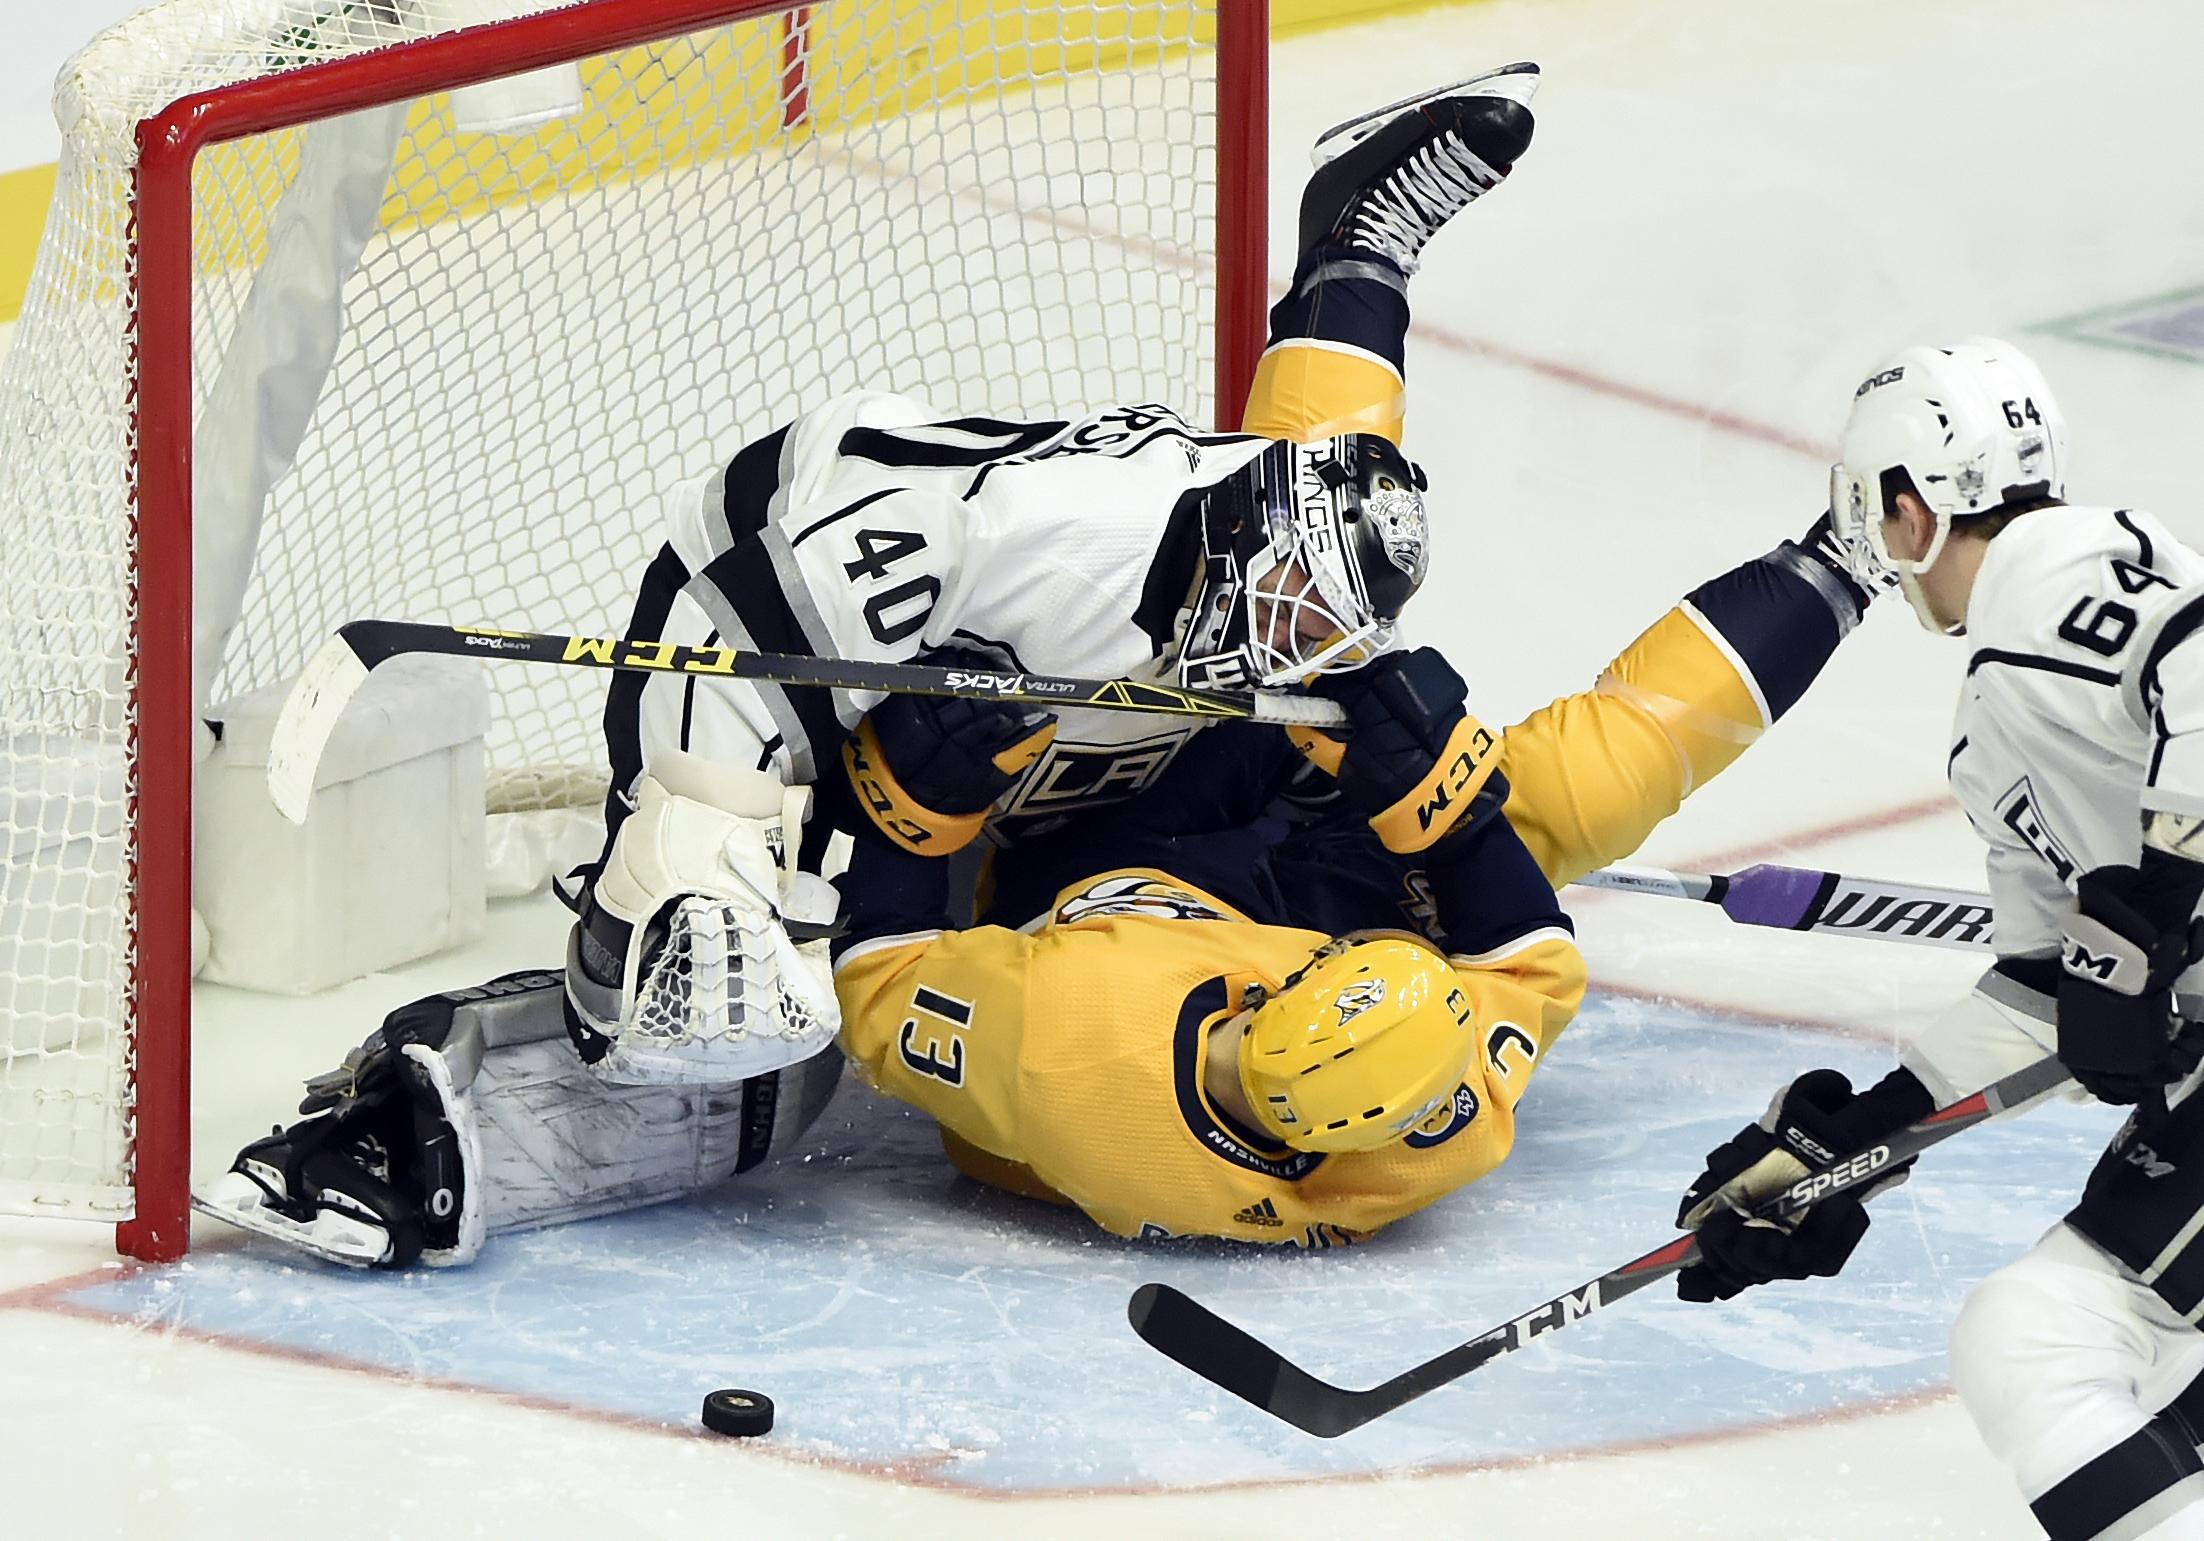 Jarnkrok's hat trick leads Predators over Kings 5-3